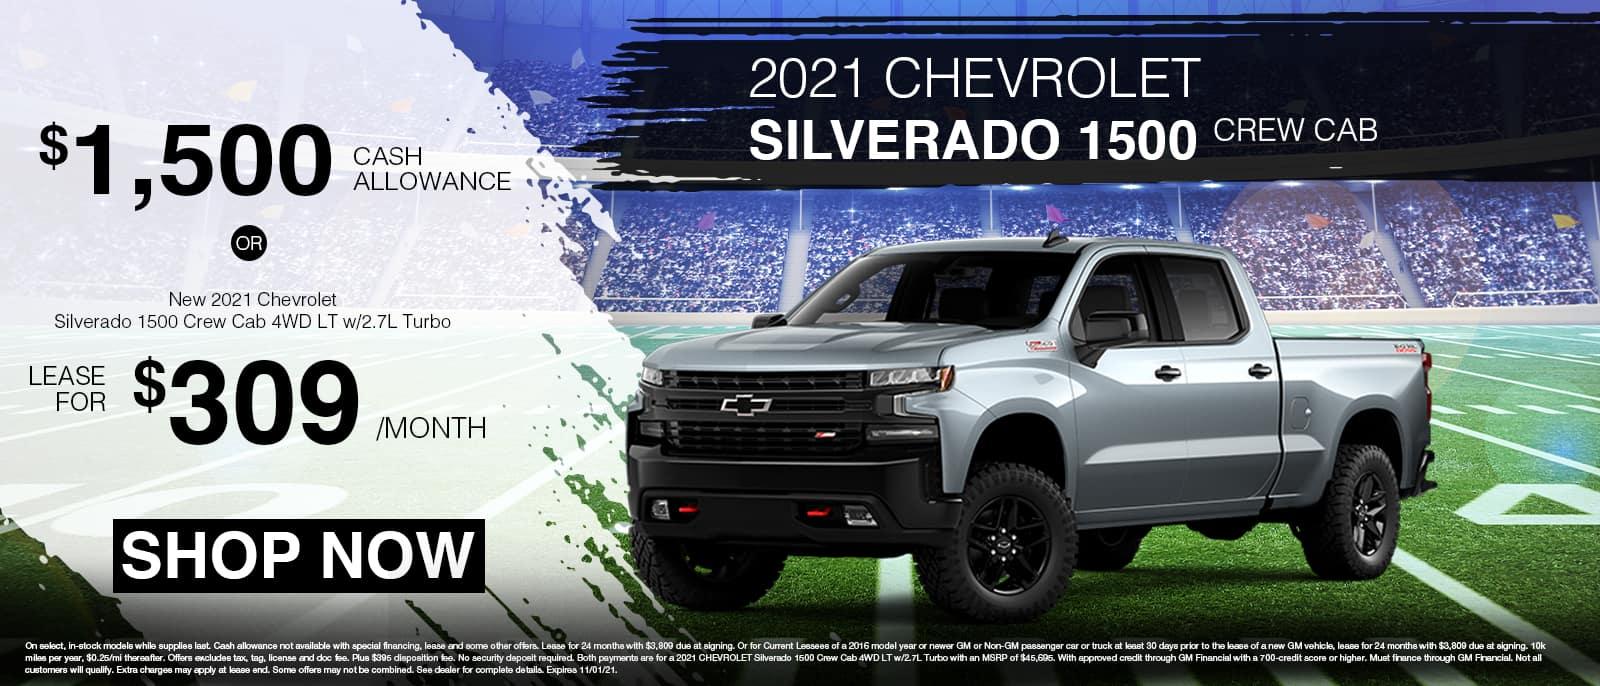 151-1021-DCB17960_silverado